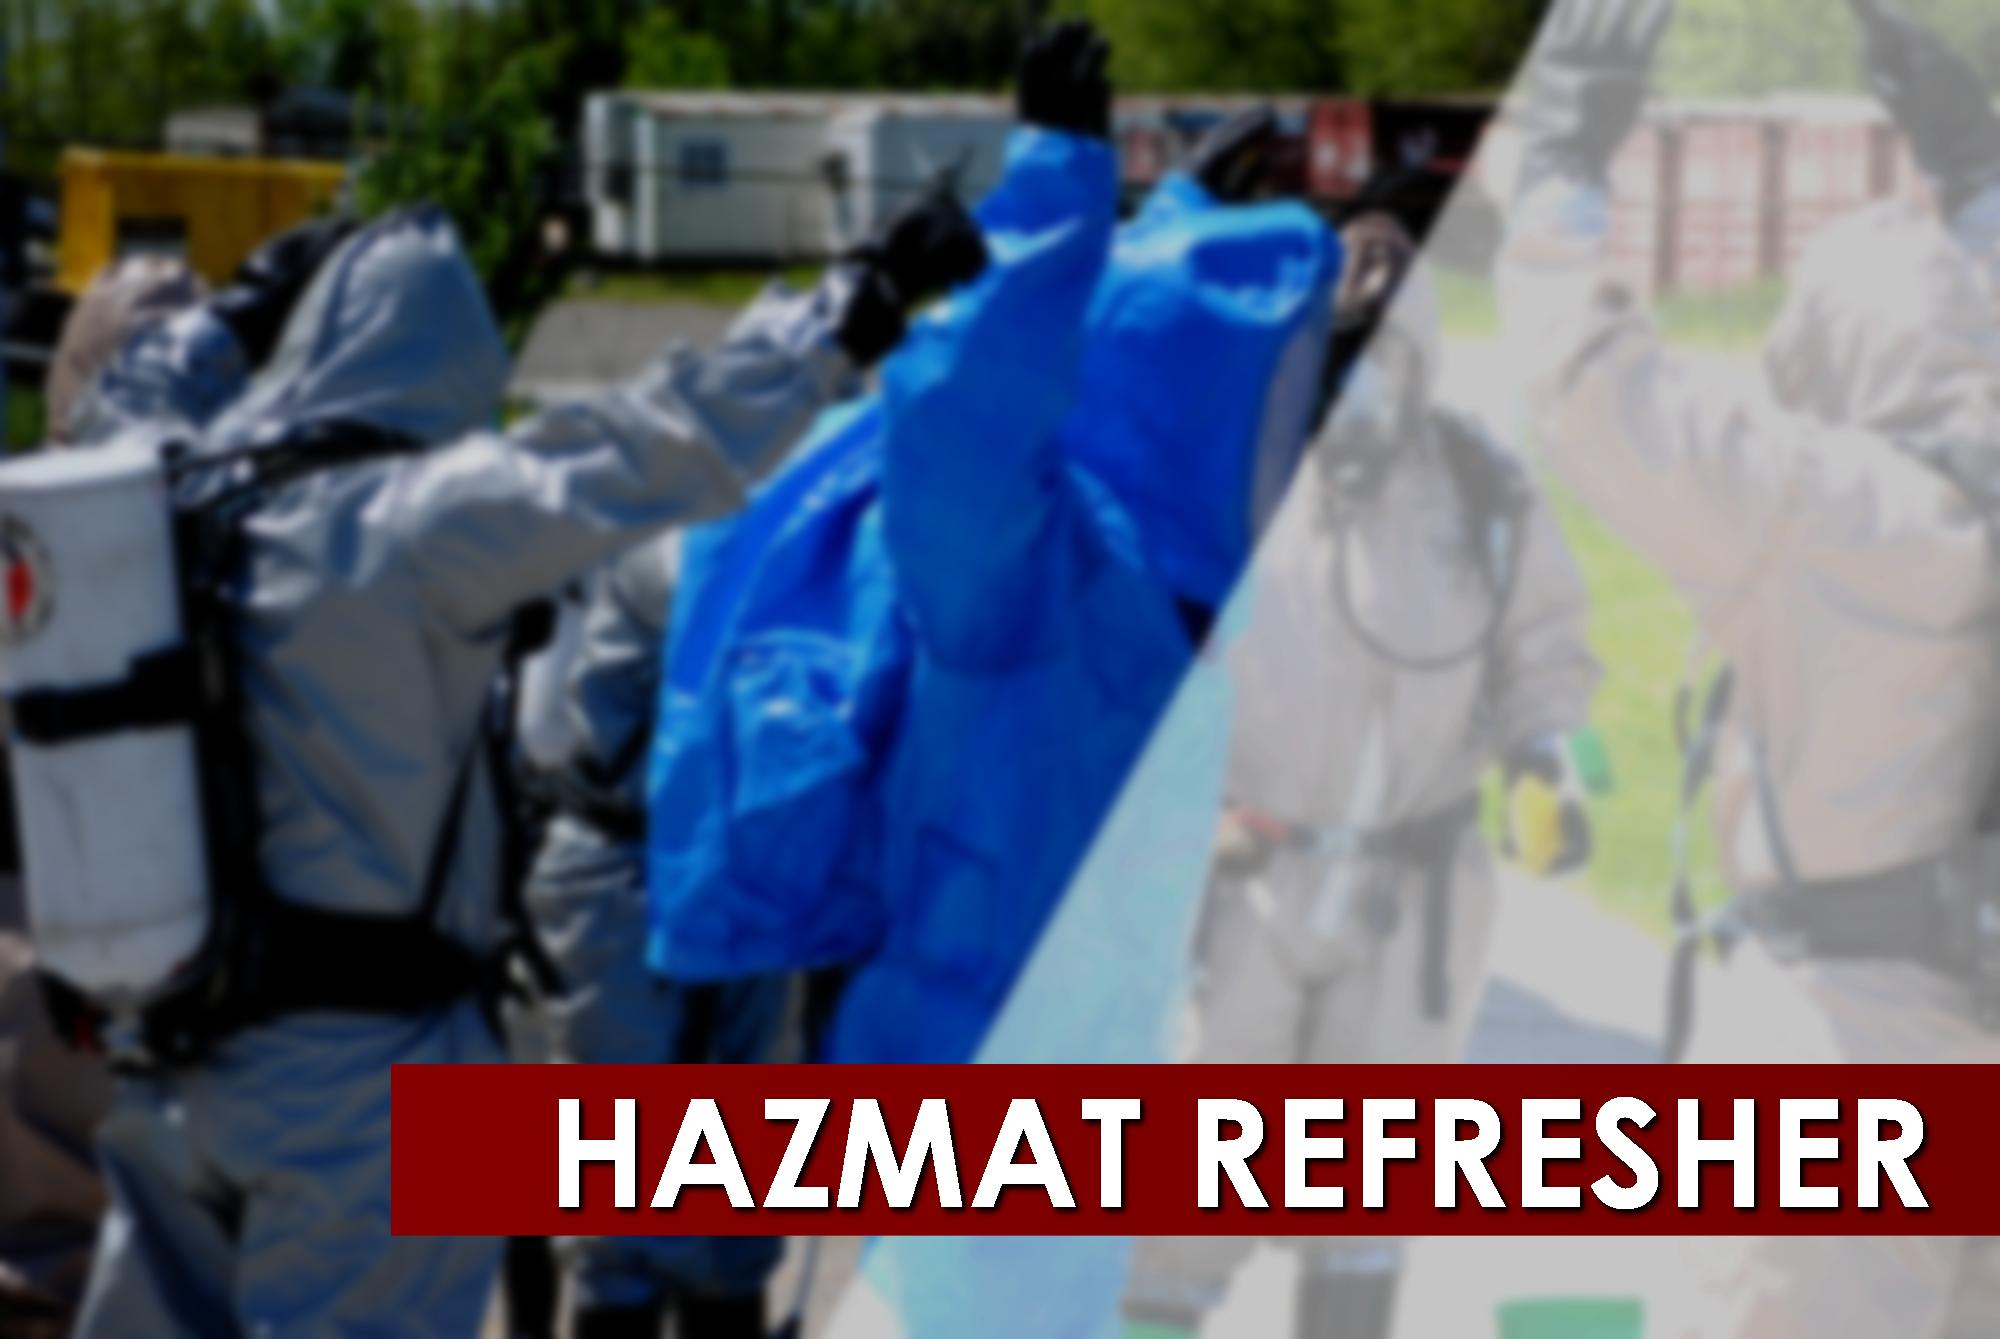 HAZMAT Refresher Training